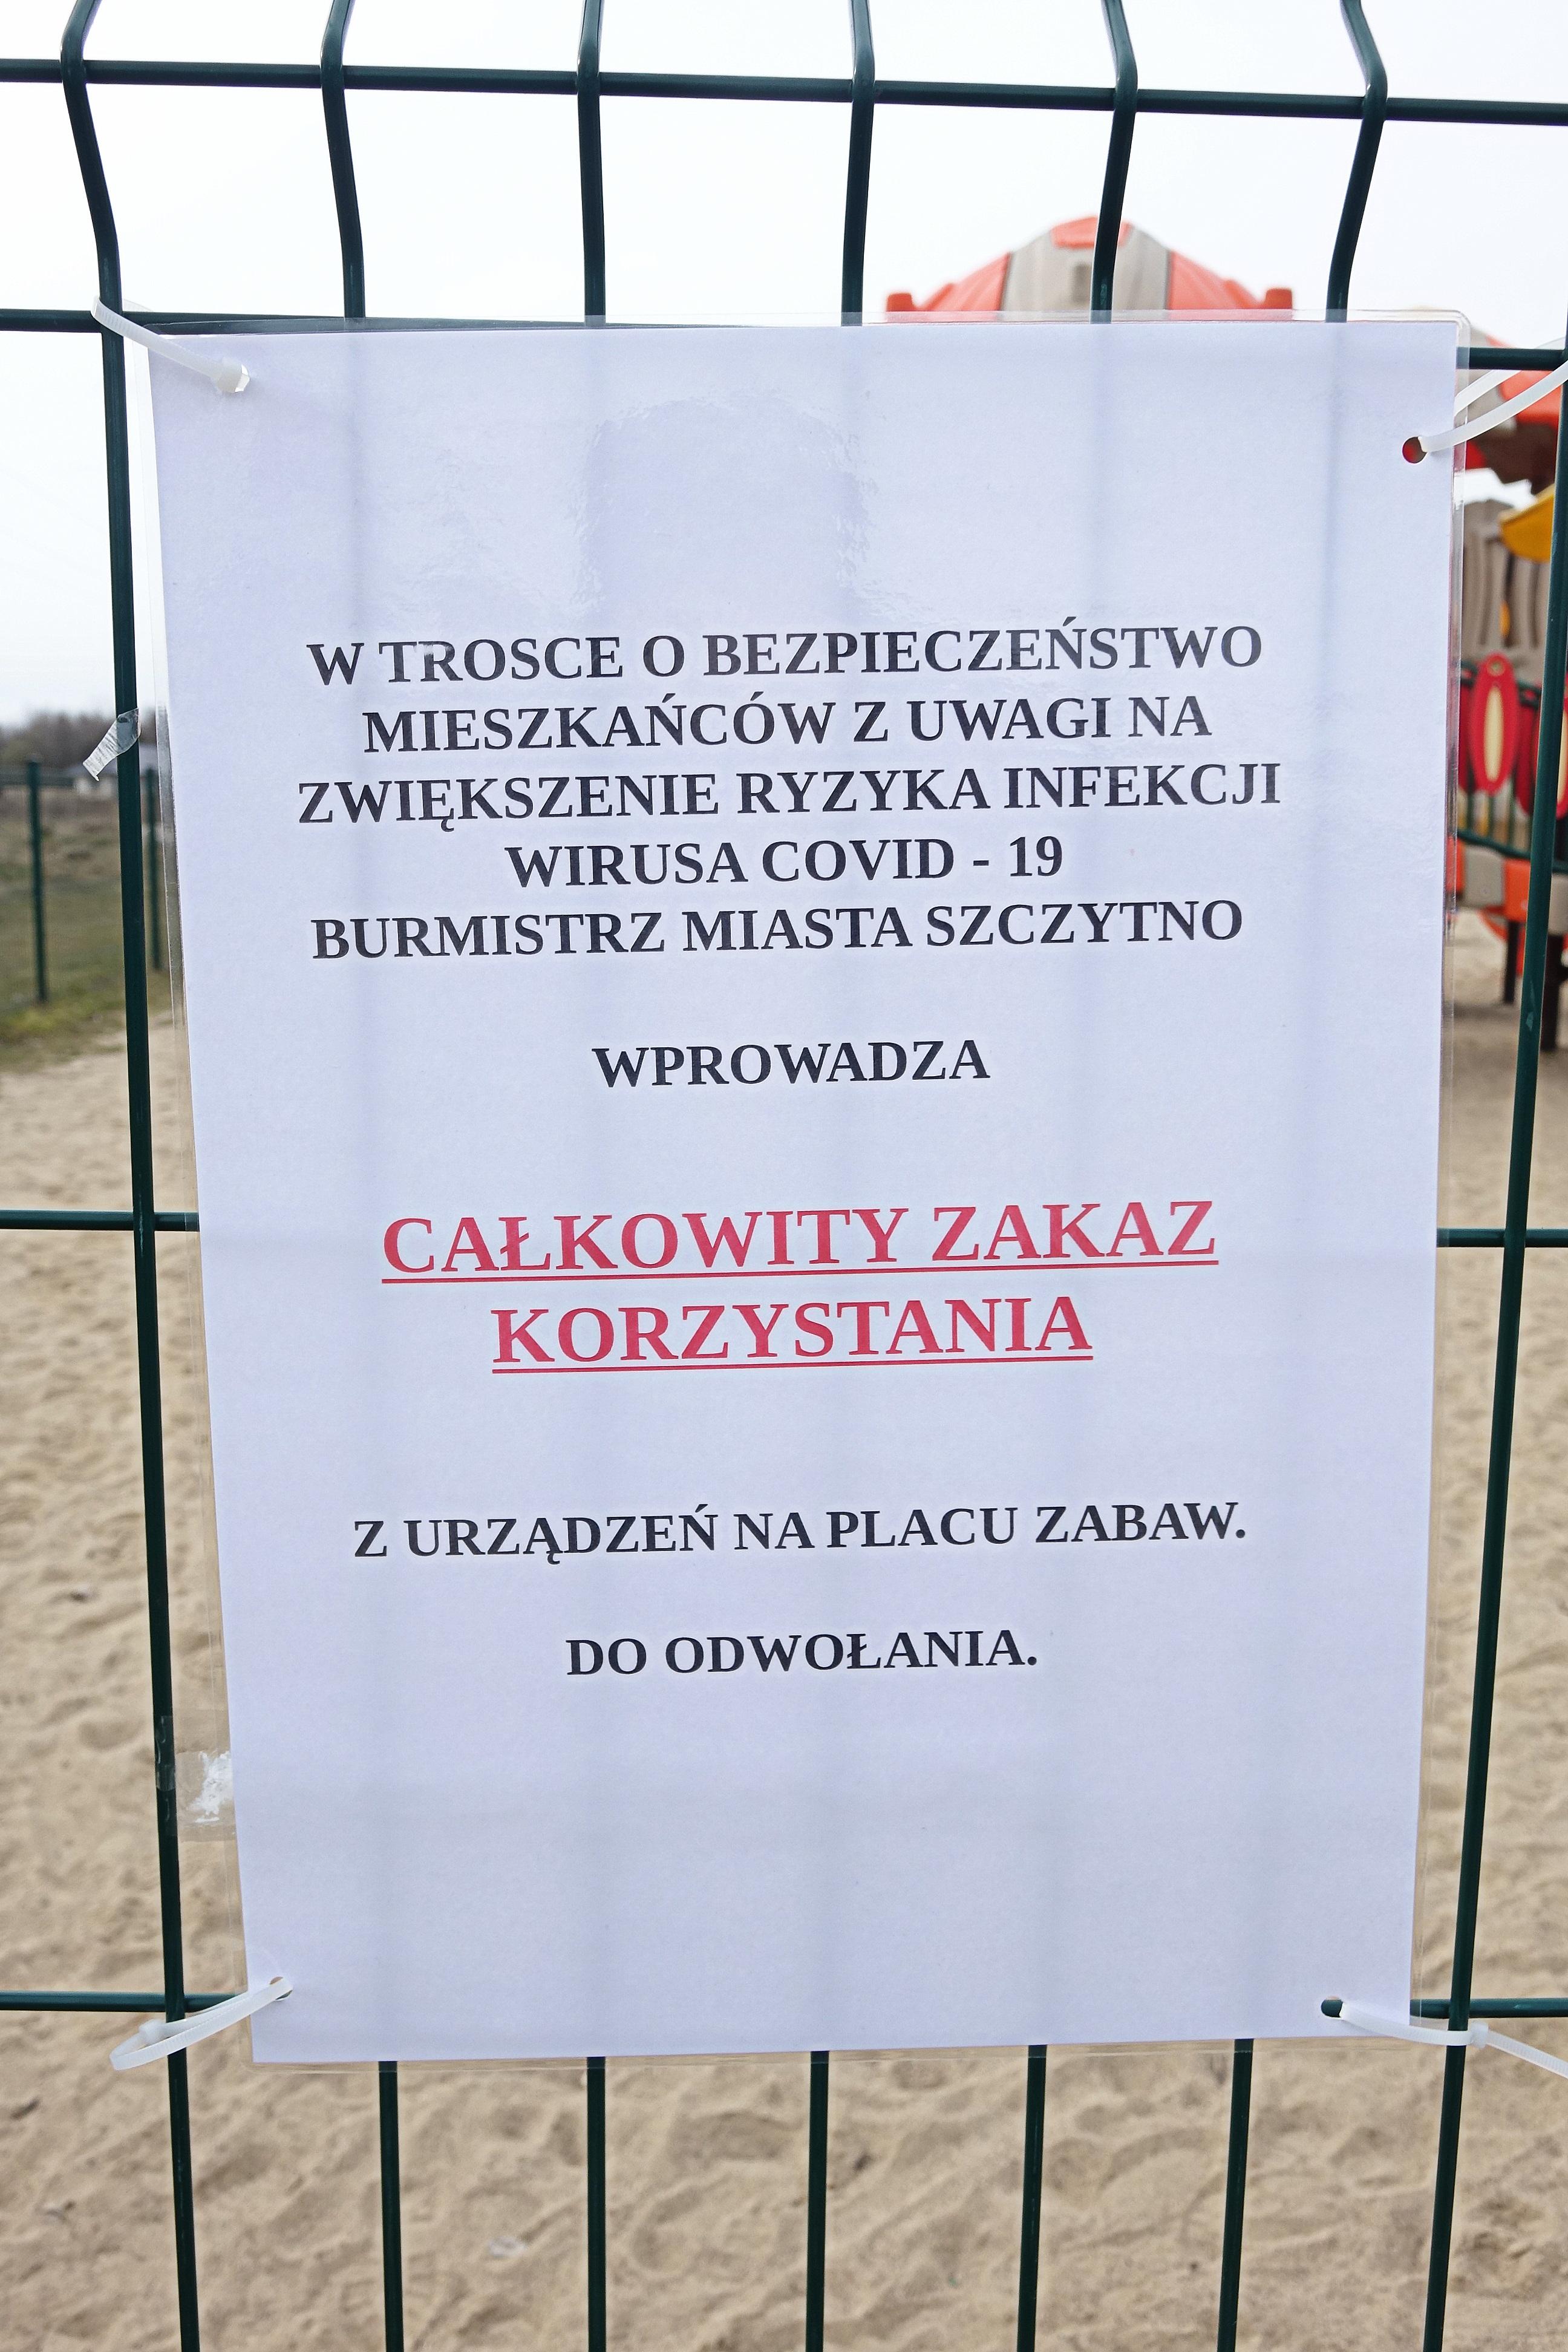 https://m.powiatszczycienski.pl/2020/03/orig/place2-28778.jpg